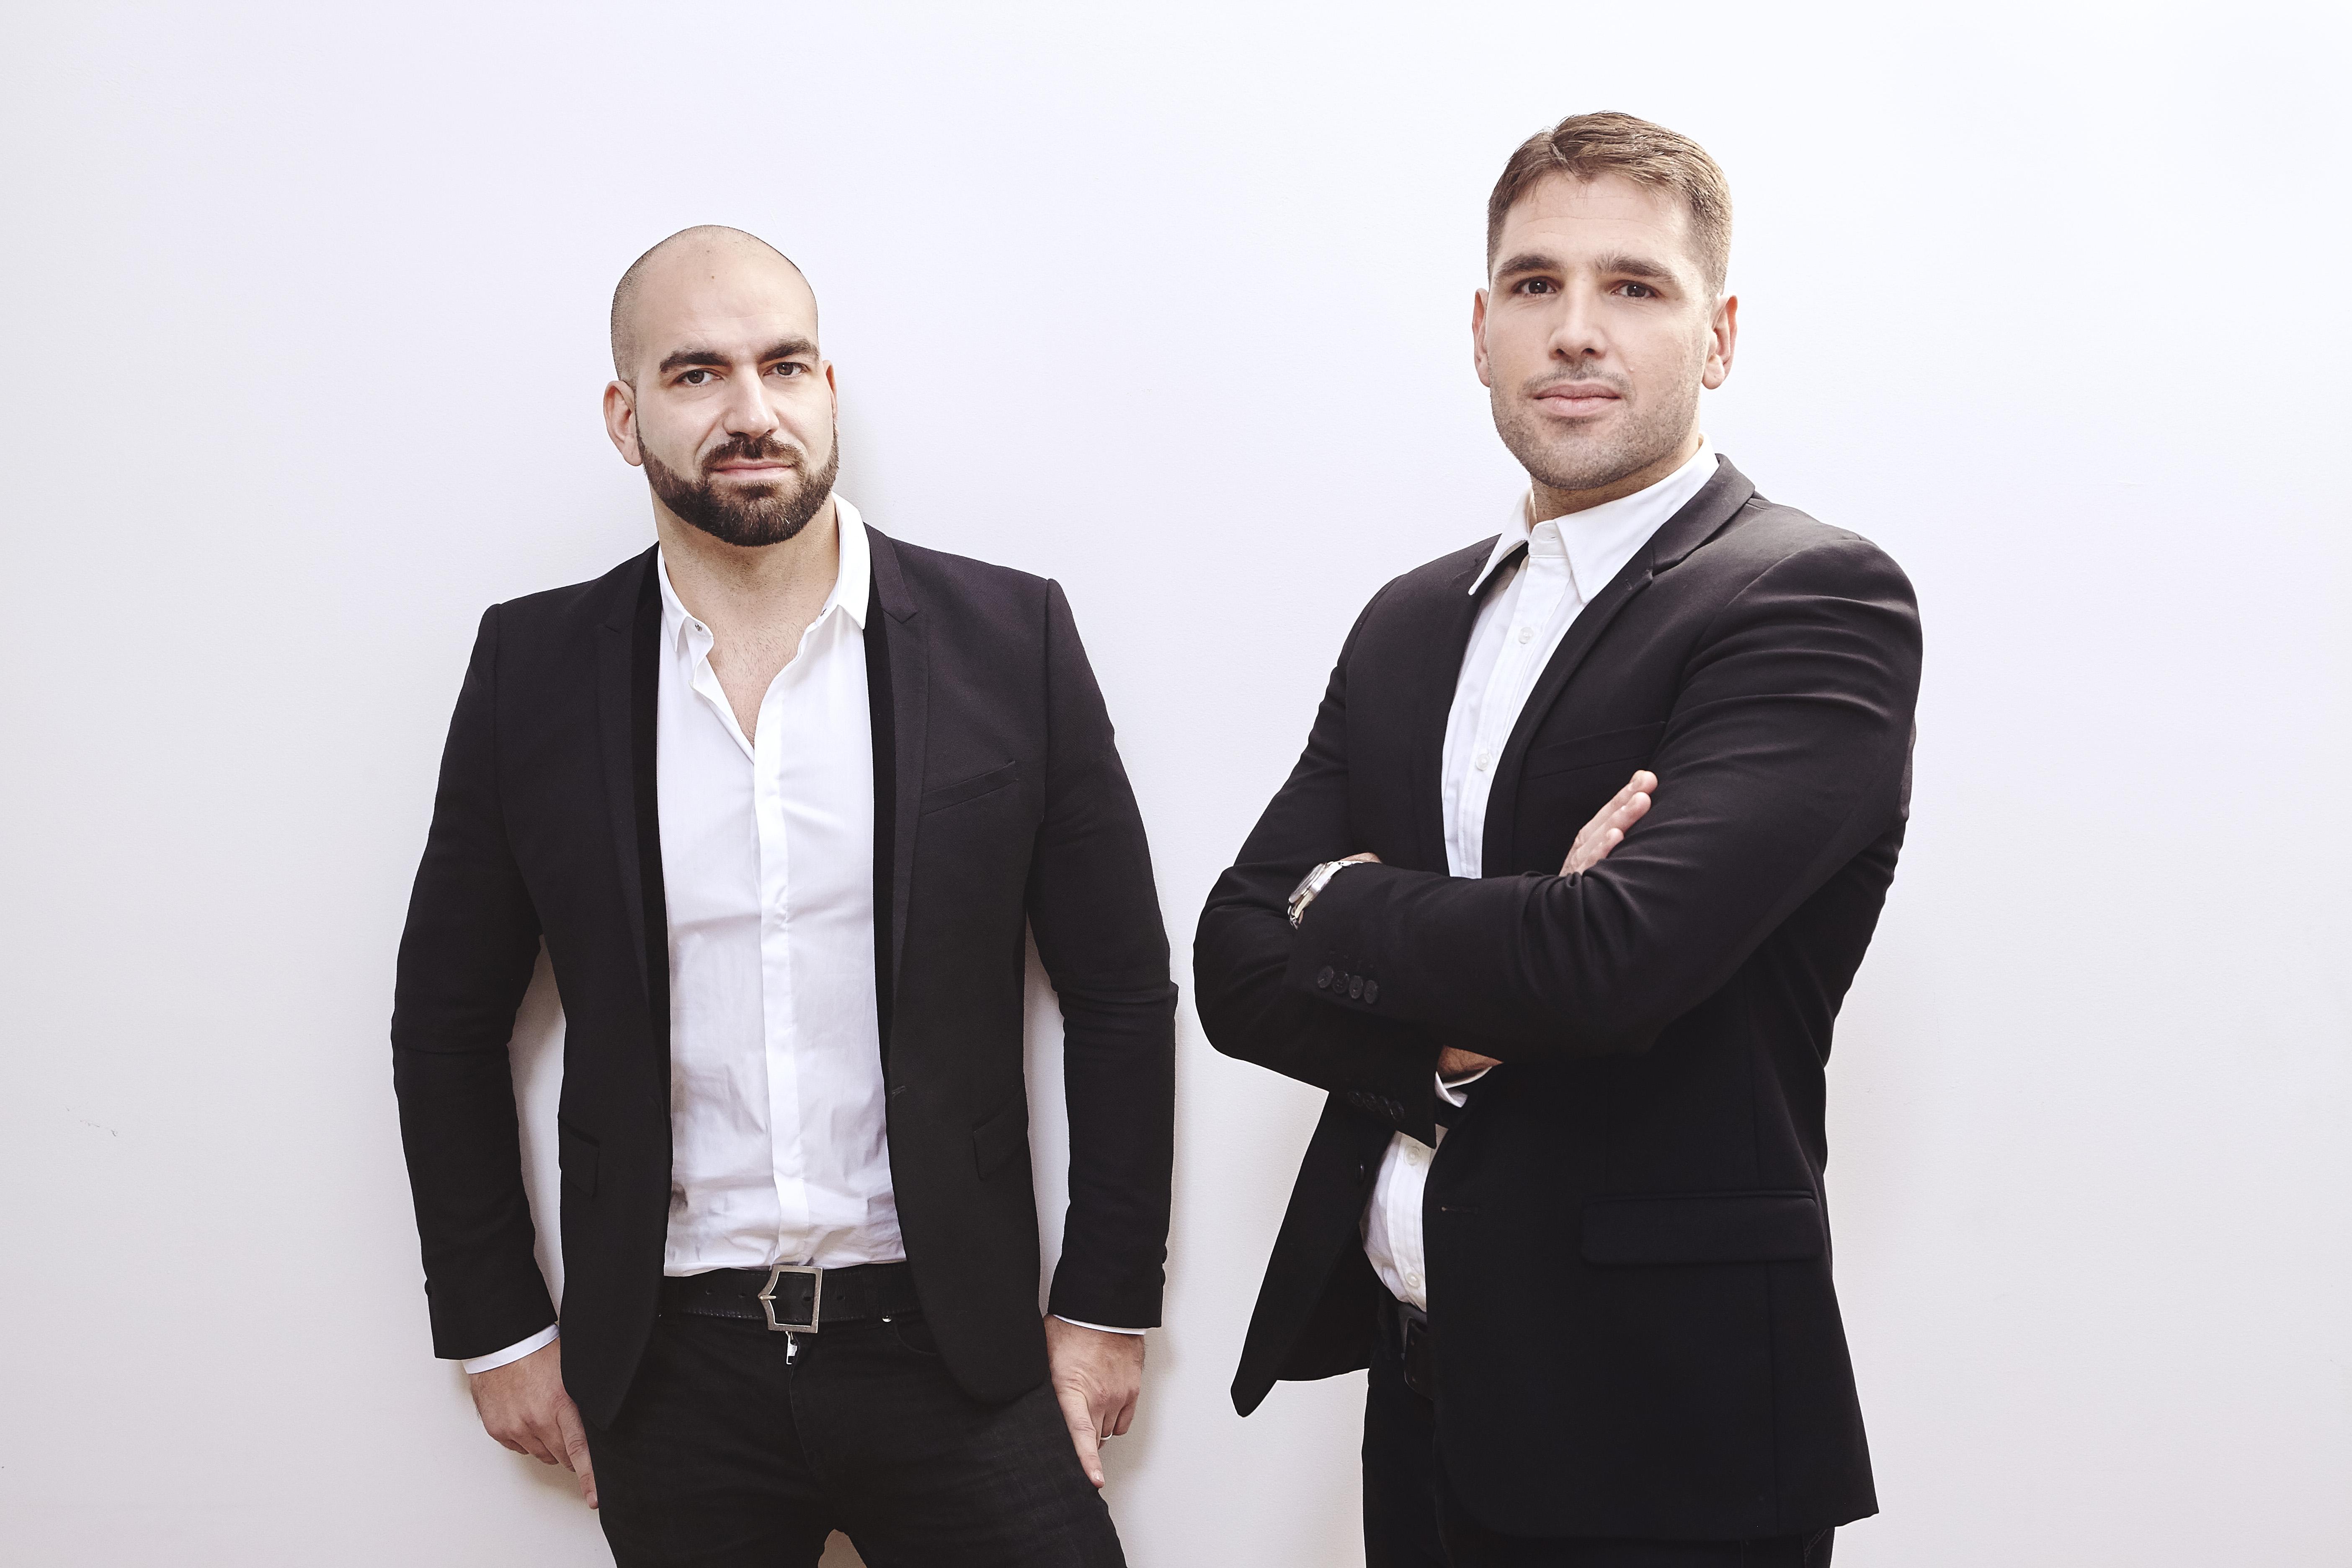 """Alexandre Martucci et Aurélien Boudier ont créé en 2010 Crazy EVG, spécialisé dans l'organisation d'enterrements de vie de garçons. Aujourd'hui, le groupe Crazy Voyages atteint les dix millions de chiffre d""""affaires. - DR"""